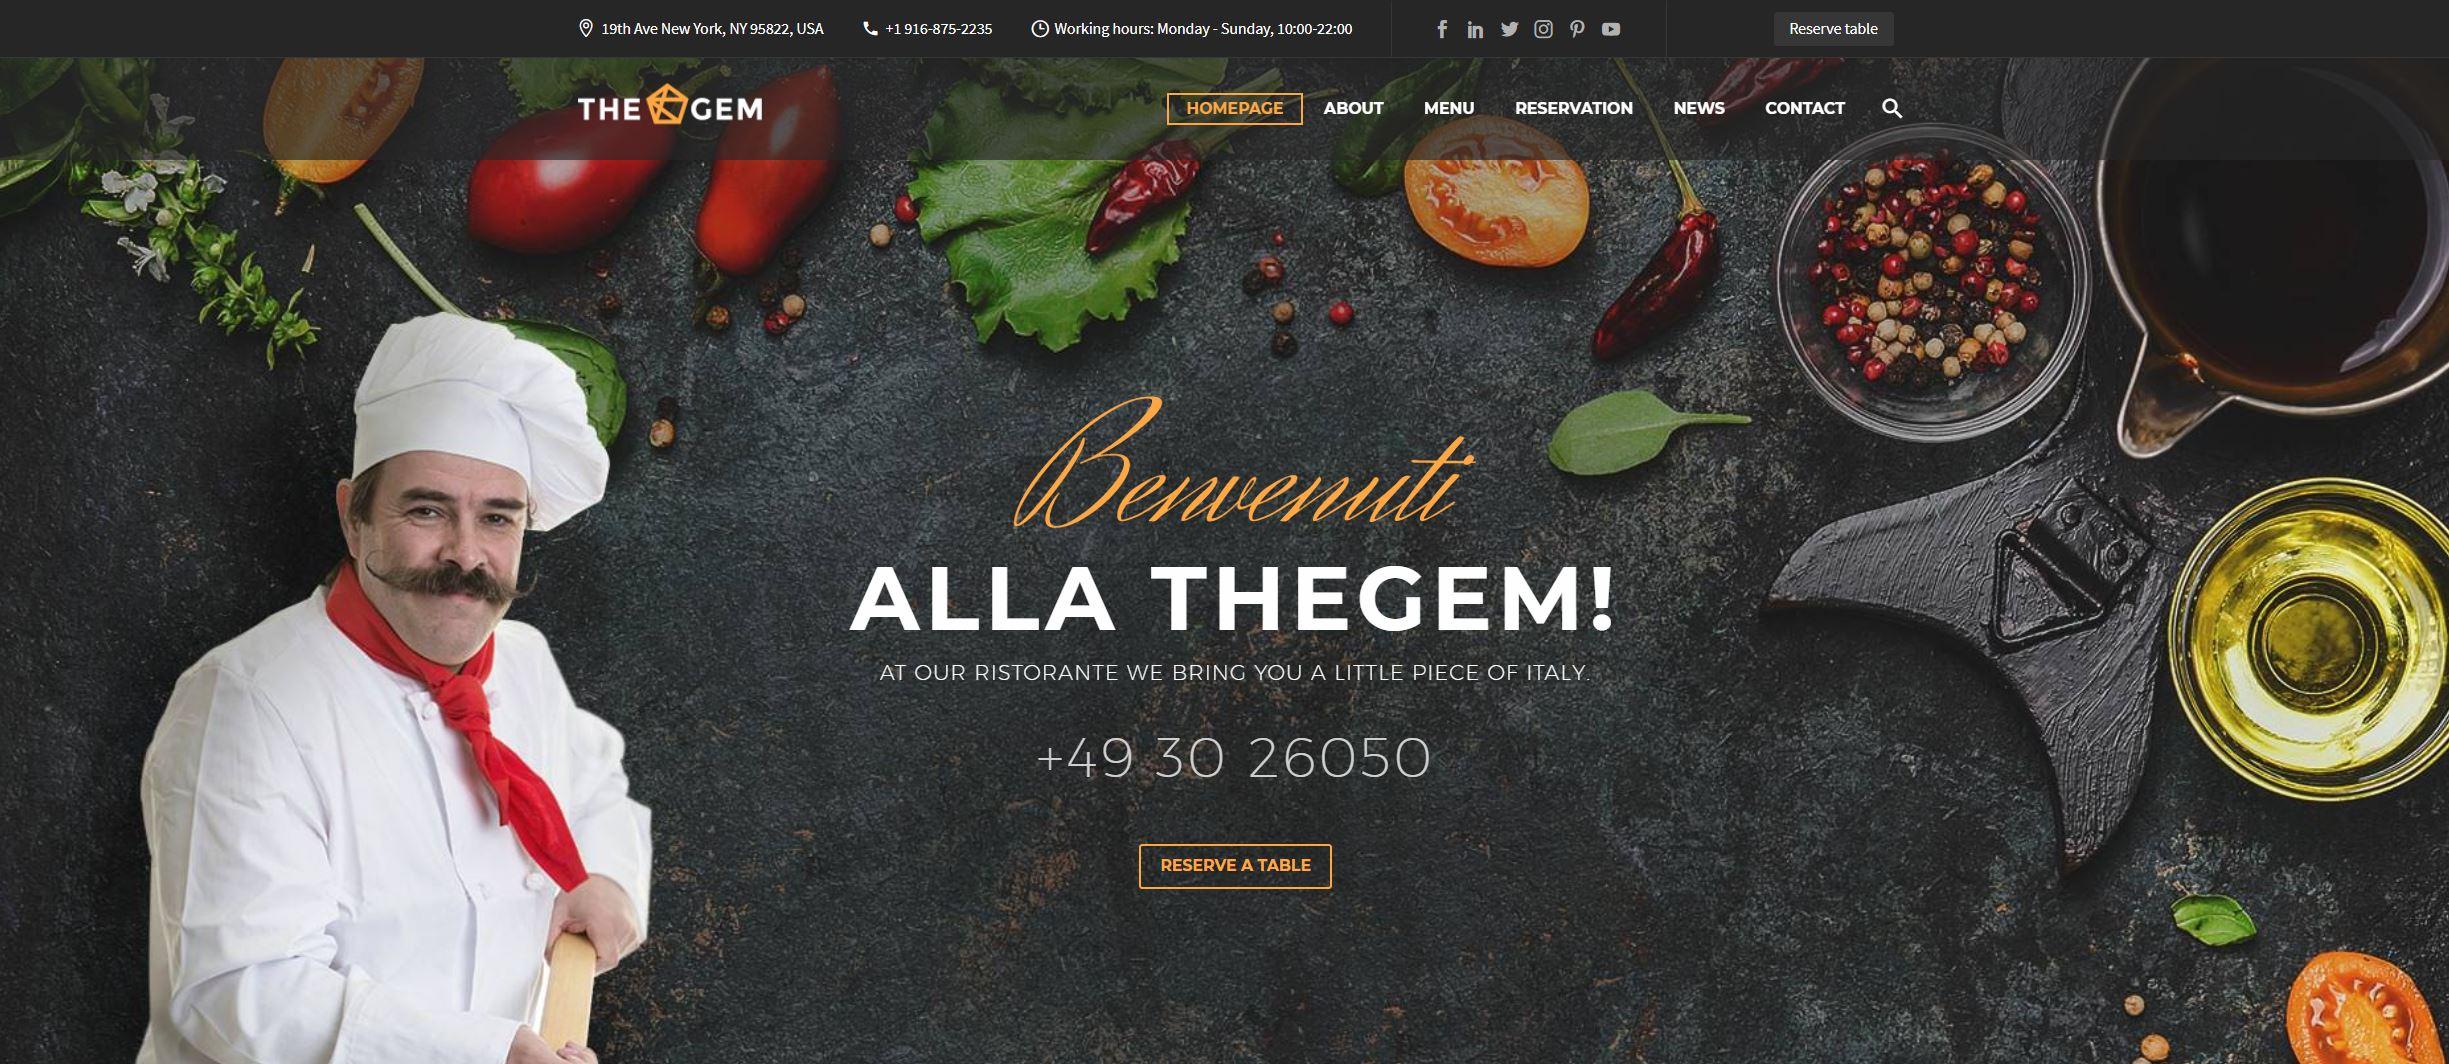 Thegem-Restaurant-theme